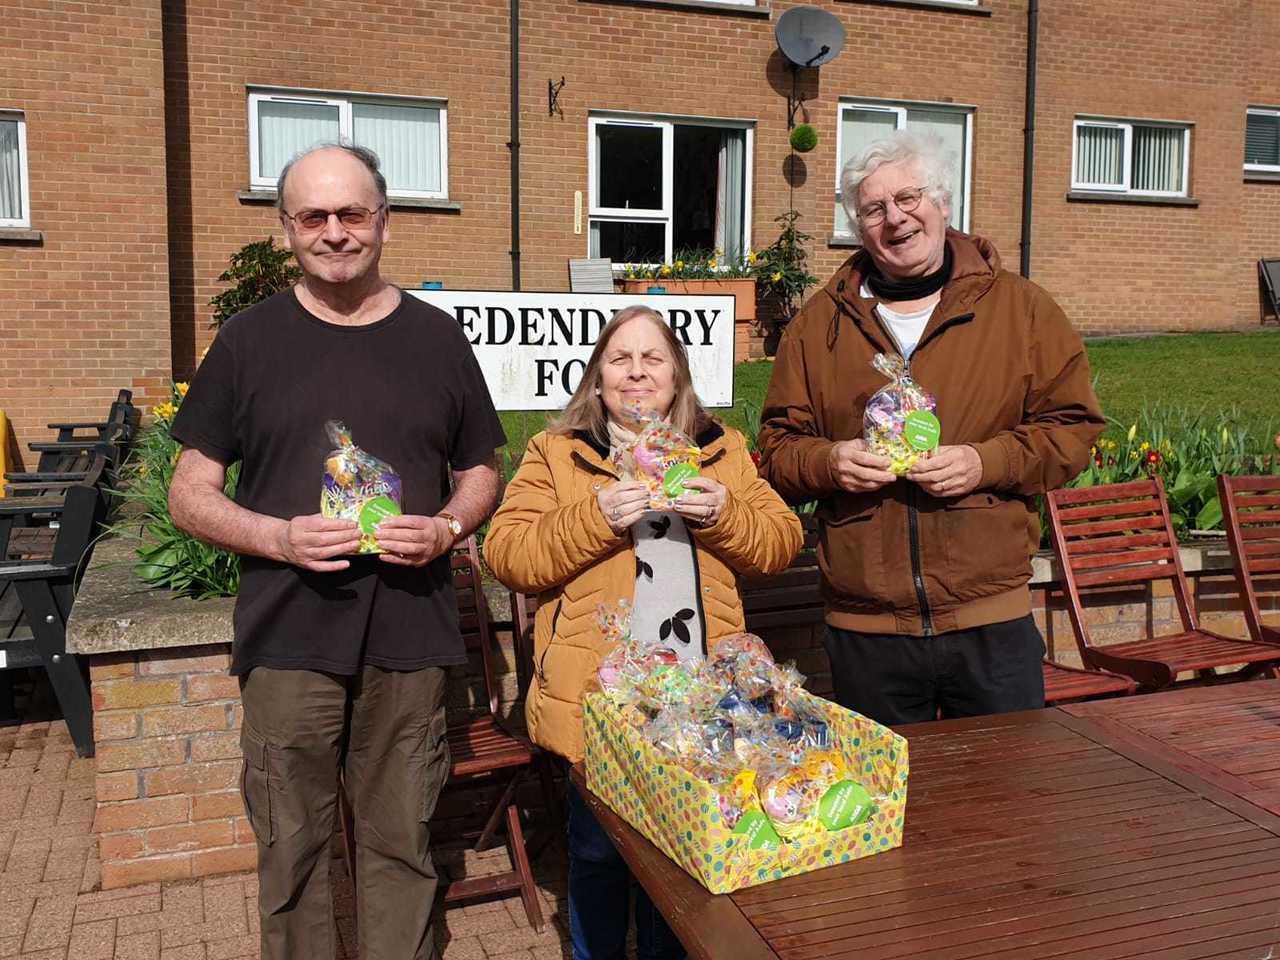 Easter at Edenderry Fold | Asda Portadown